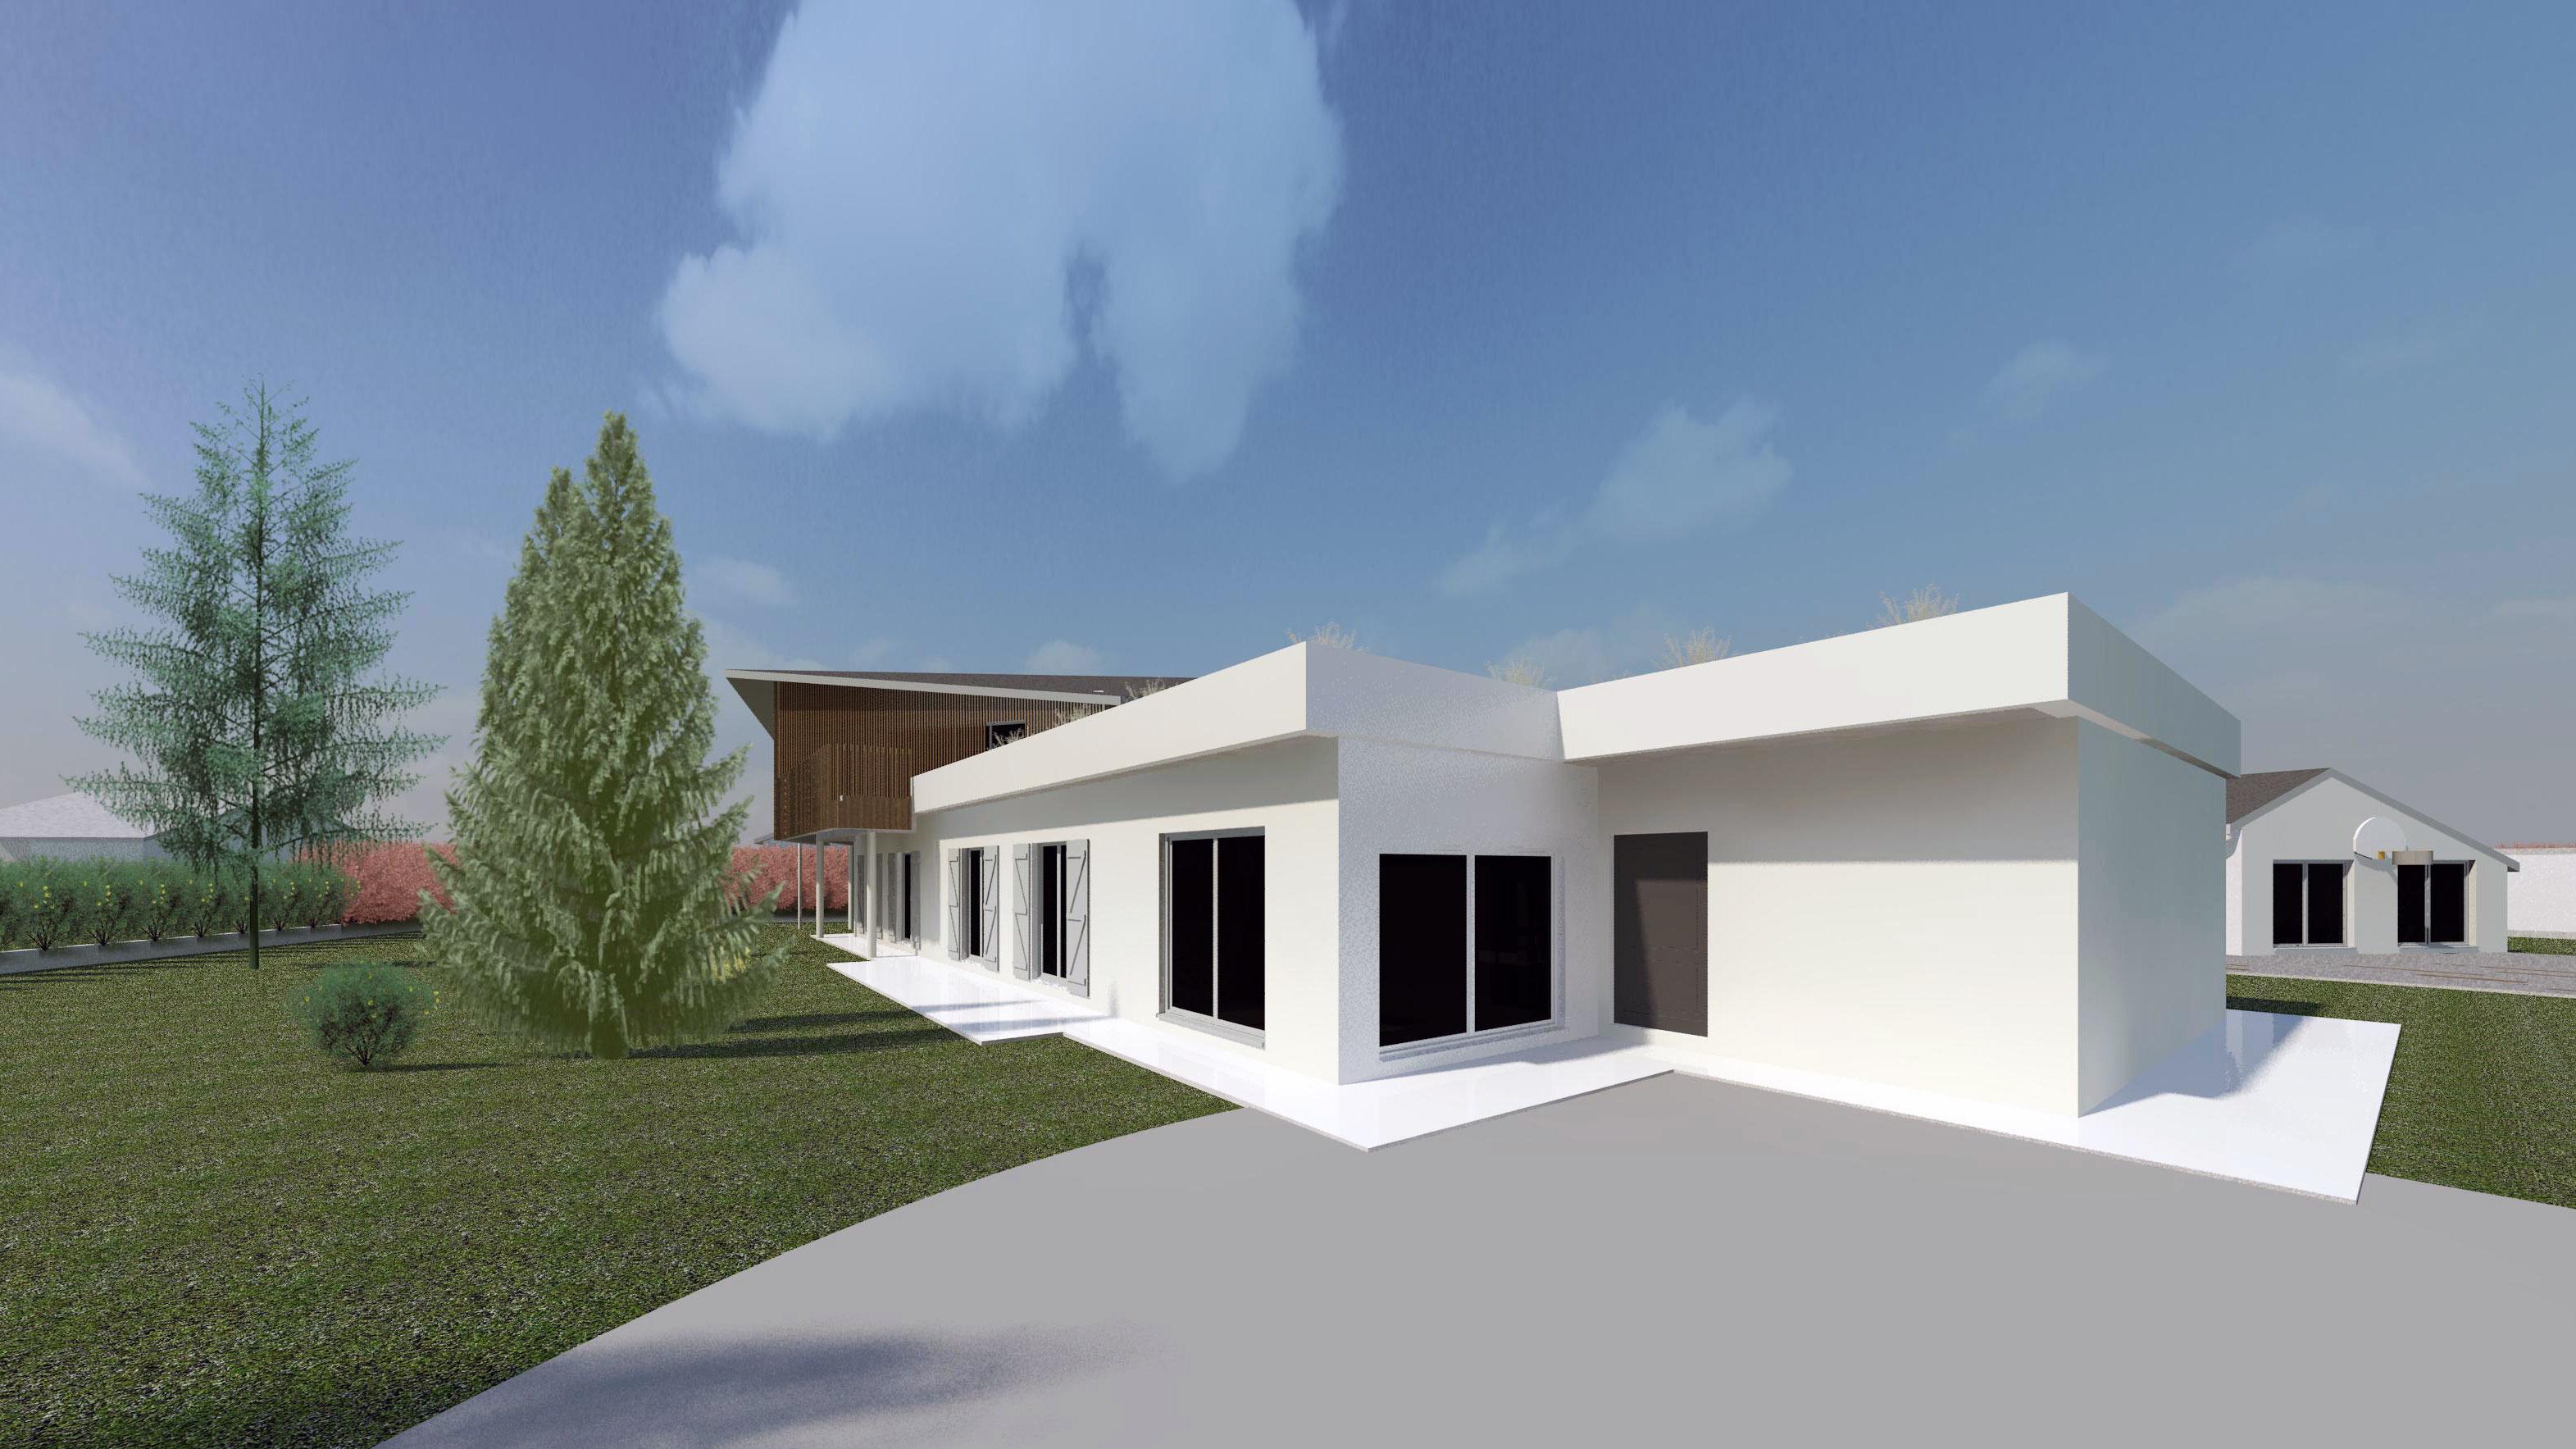 maison al agence epure guillaume cariou architecte libourne architecture et maitrise d 39 oeuvre. Black Bedroom Furniture Sets. Home Design Ideas